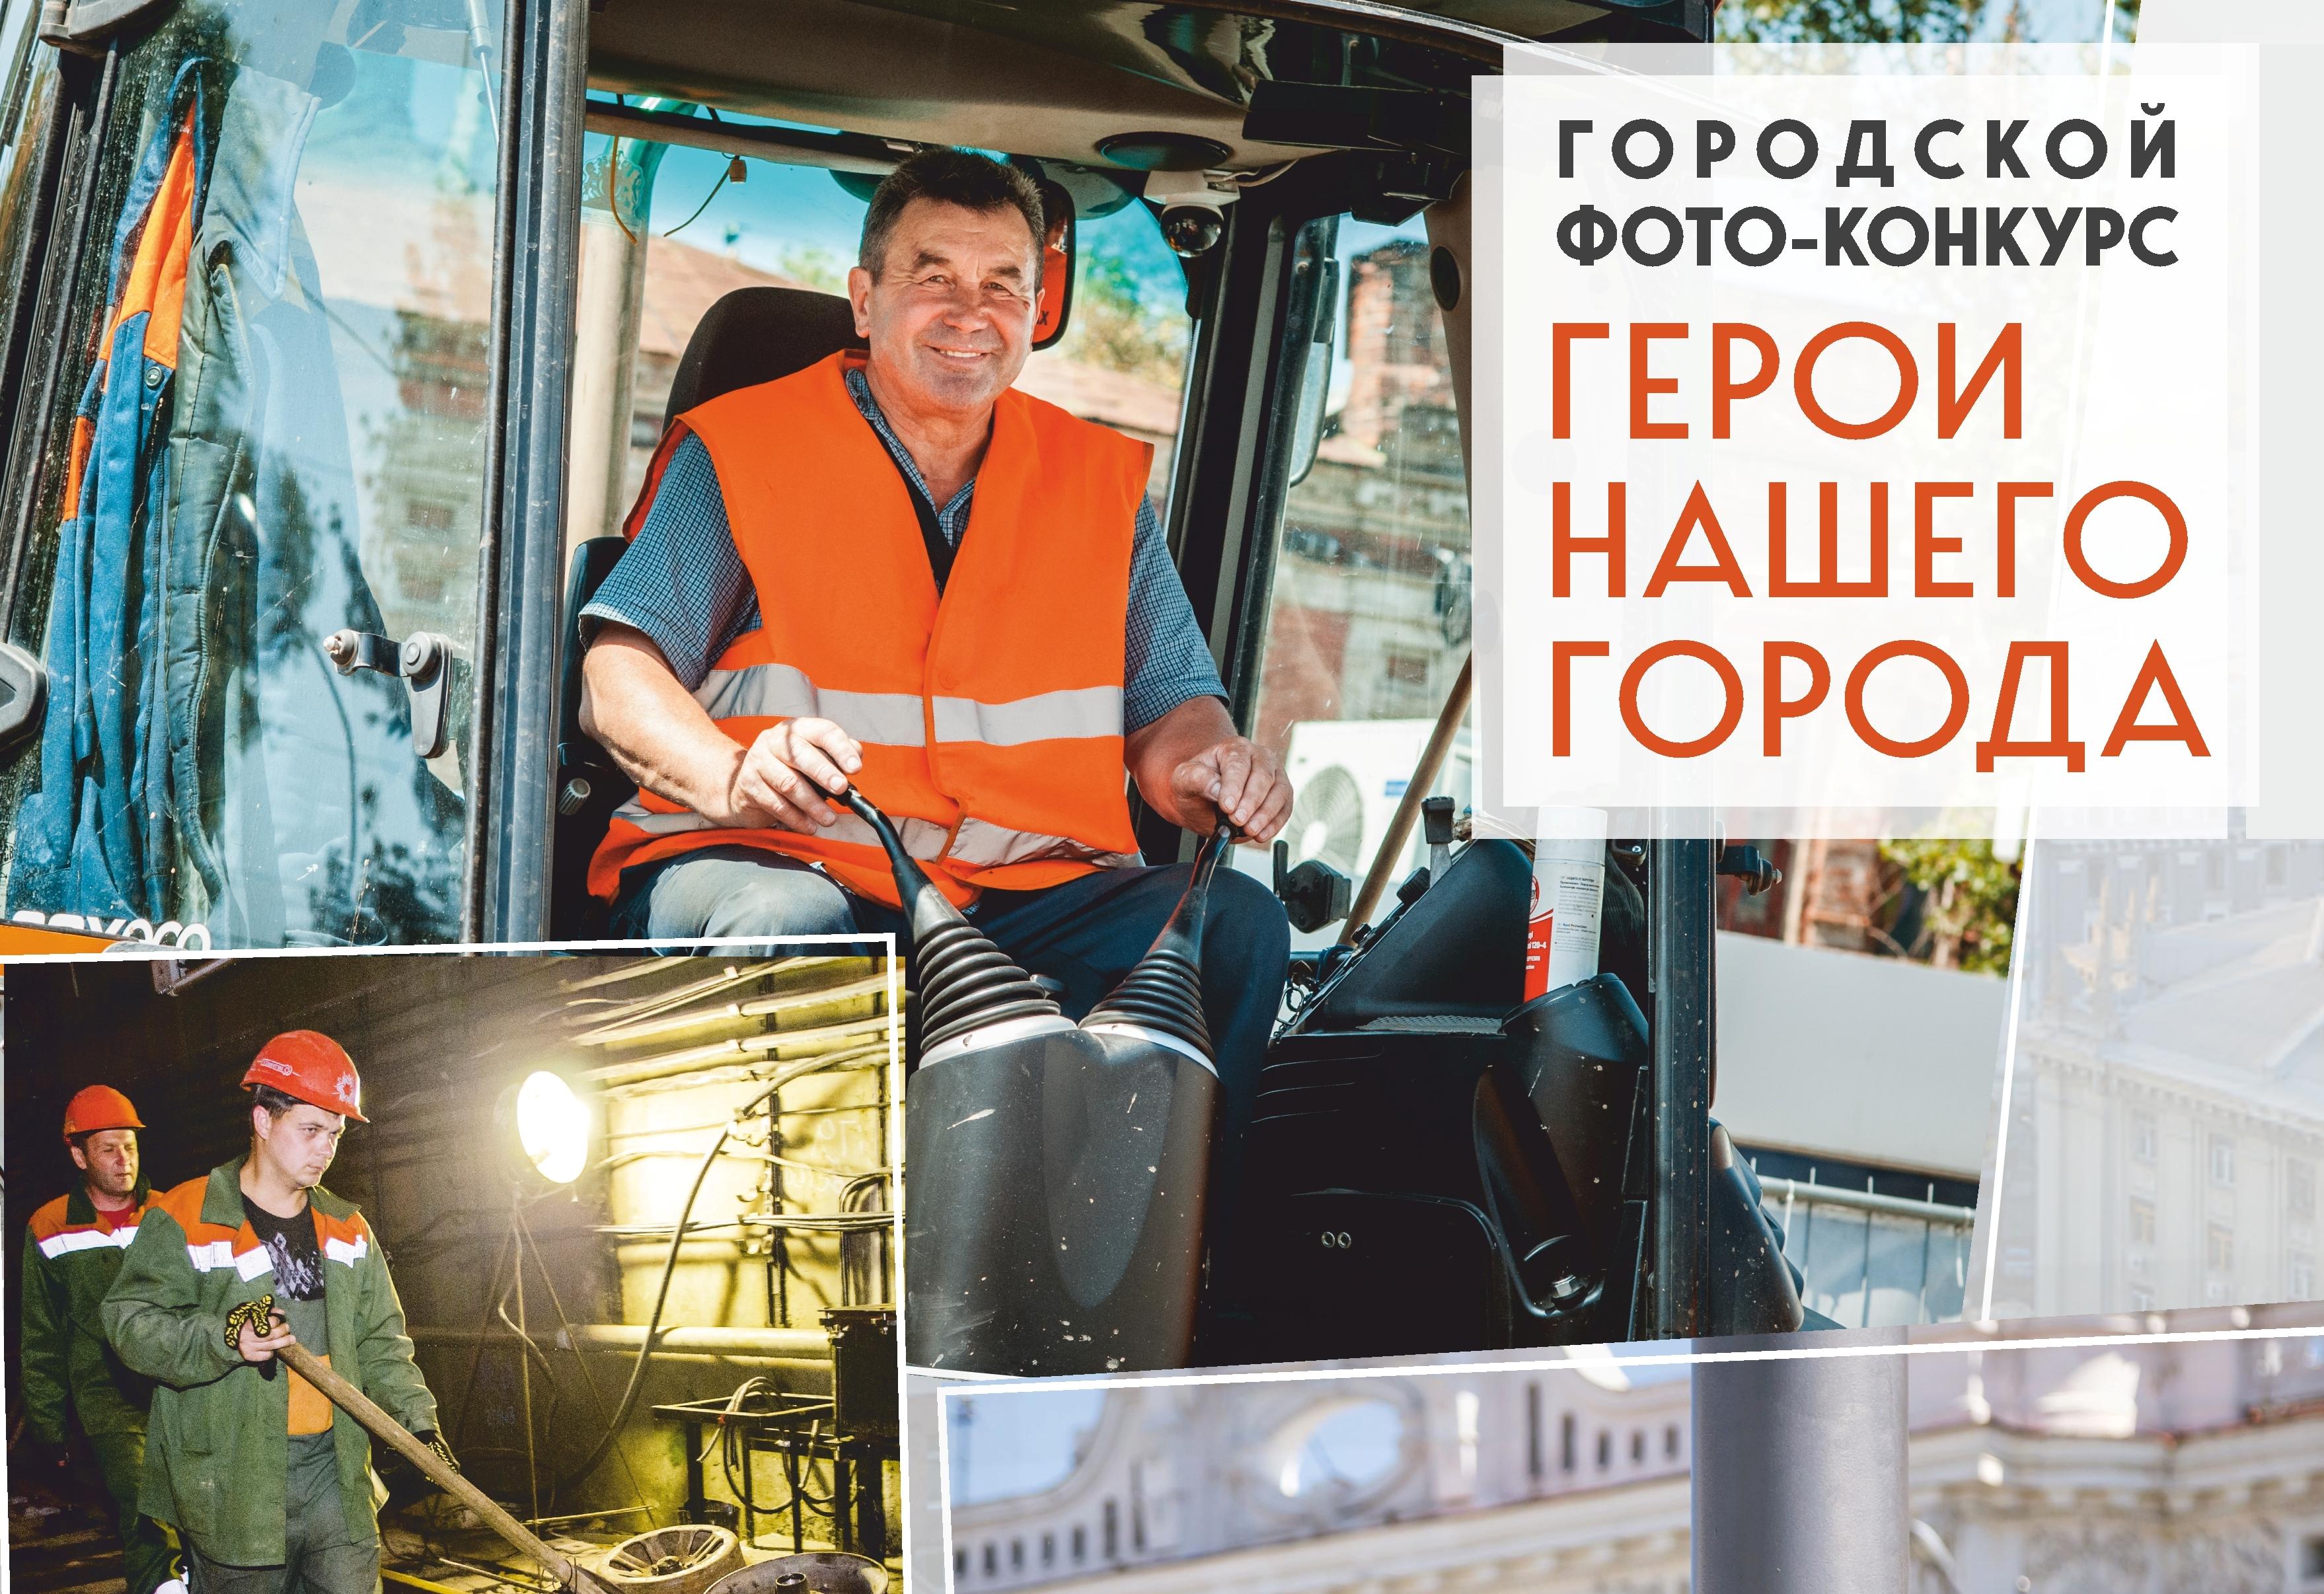 У Харкові оголосили другий фотоконкурс «Герої нашого міста»